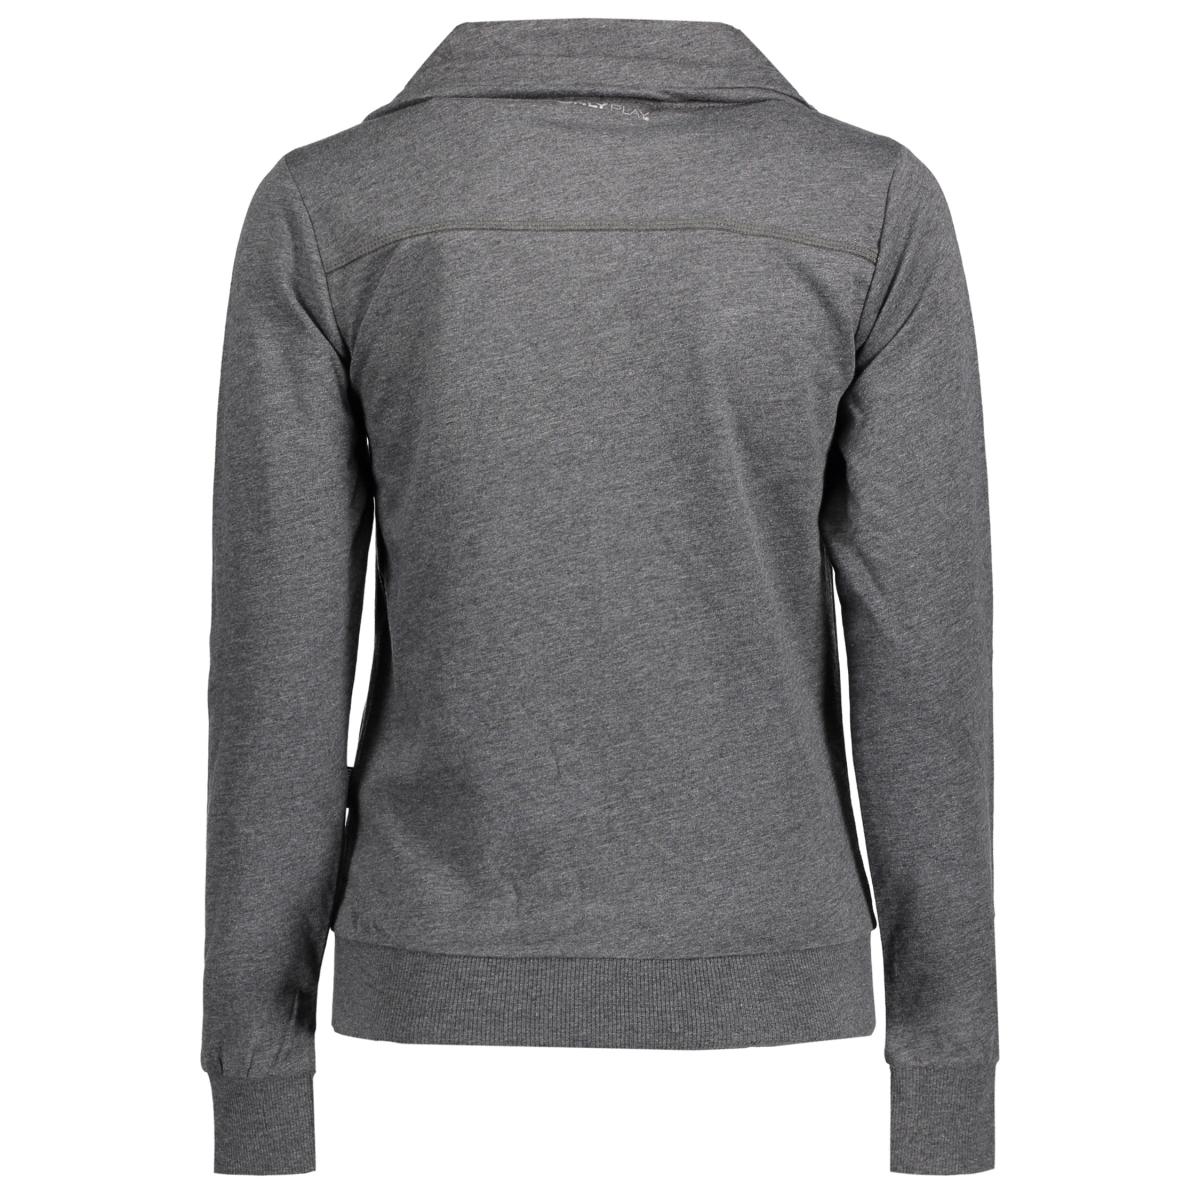 onplina high neck sweat - opus 15108841 only play sport vest dark grey melange